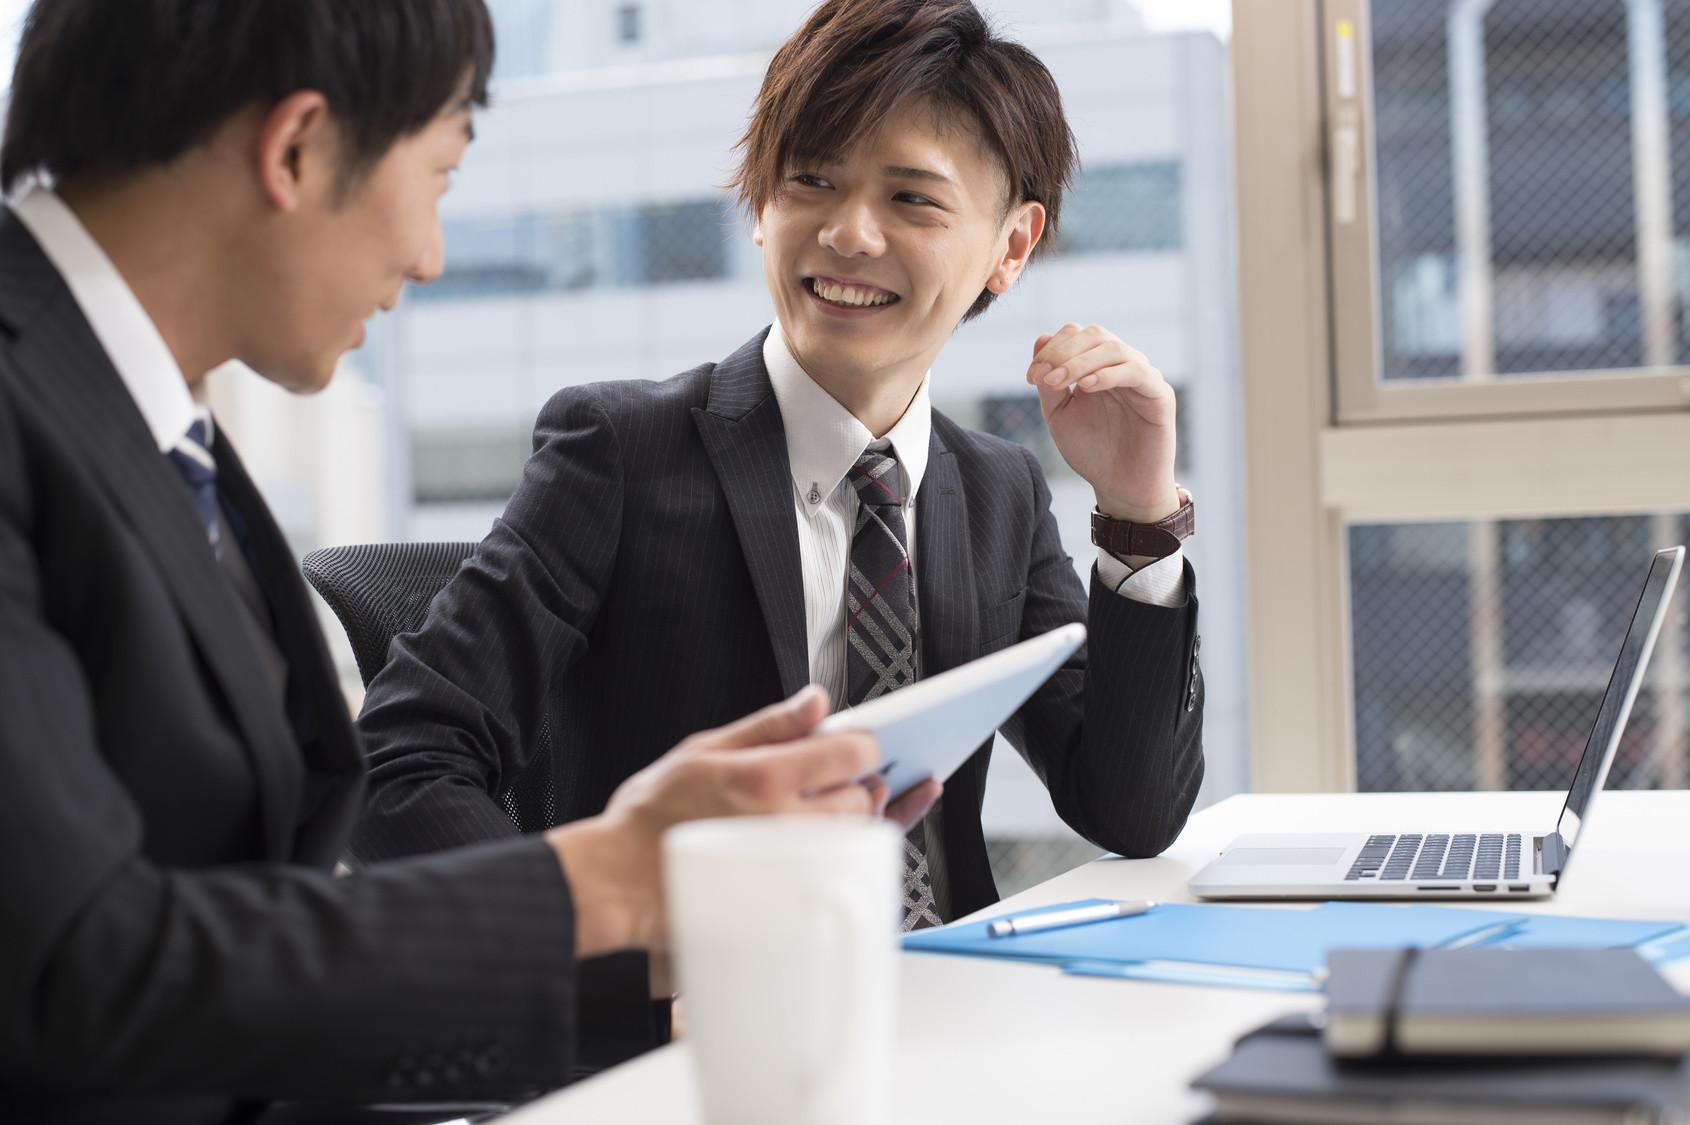 神保町オフィス 採用事務スタッフのアルバイト情報